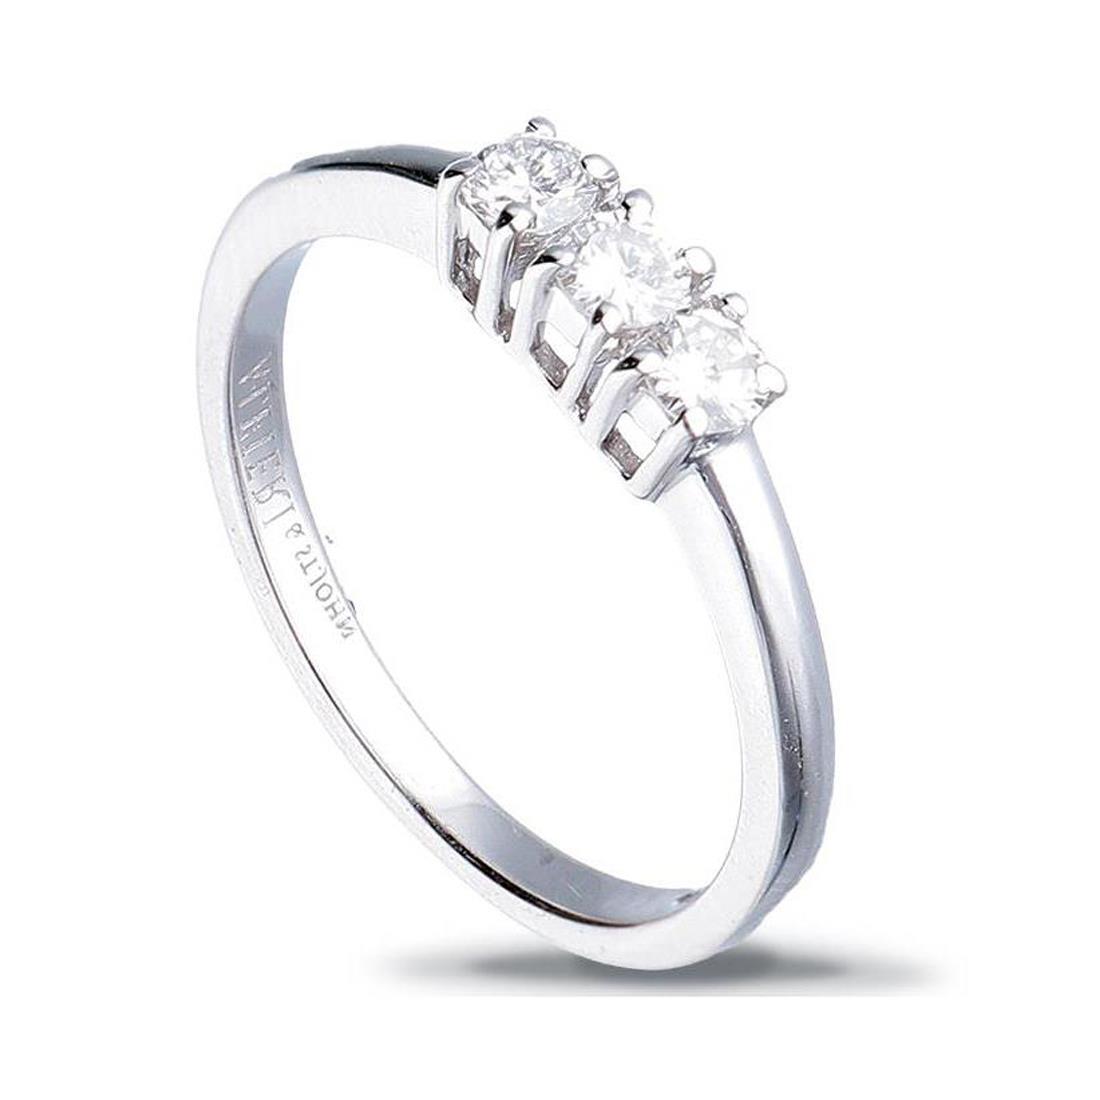 Anello trilogy in oro bianco con diamanti ct. 0,15 - ALFIERI & ST. JOHN